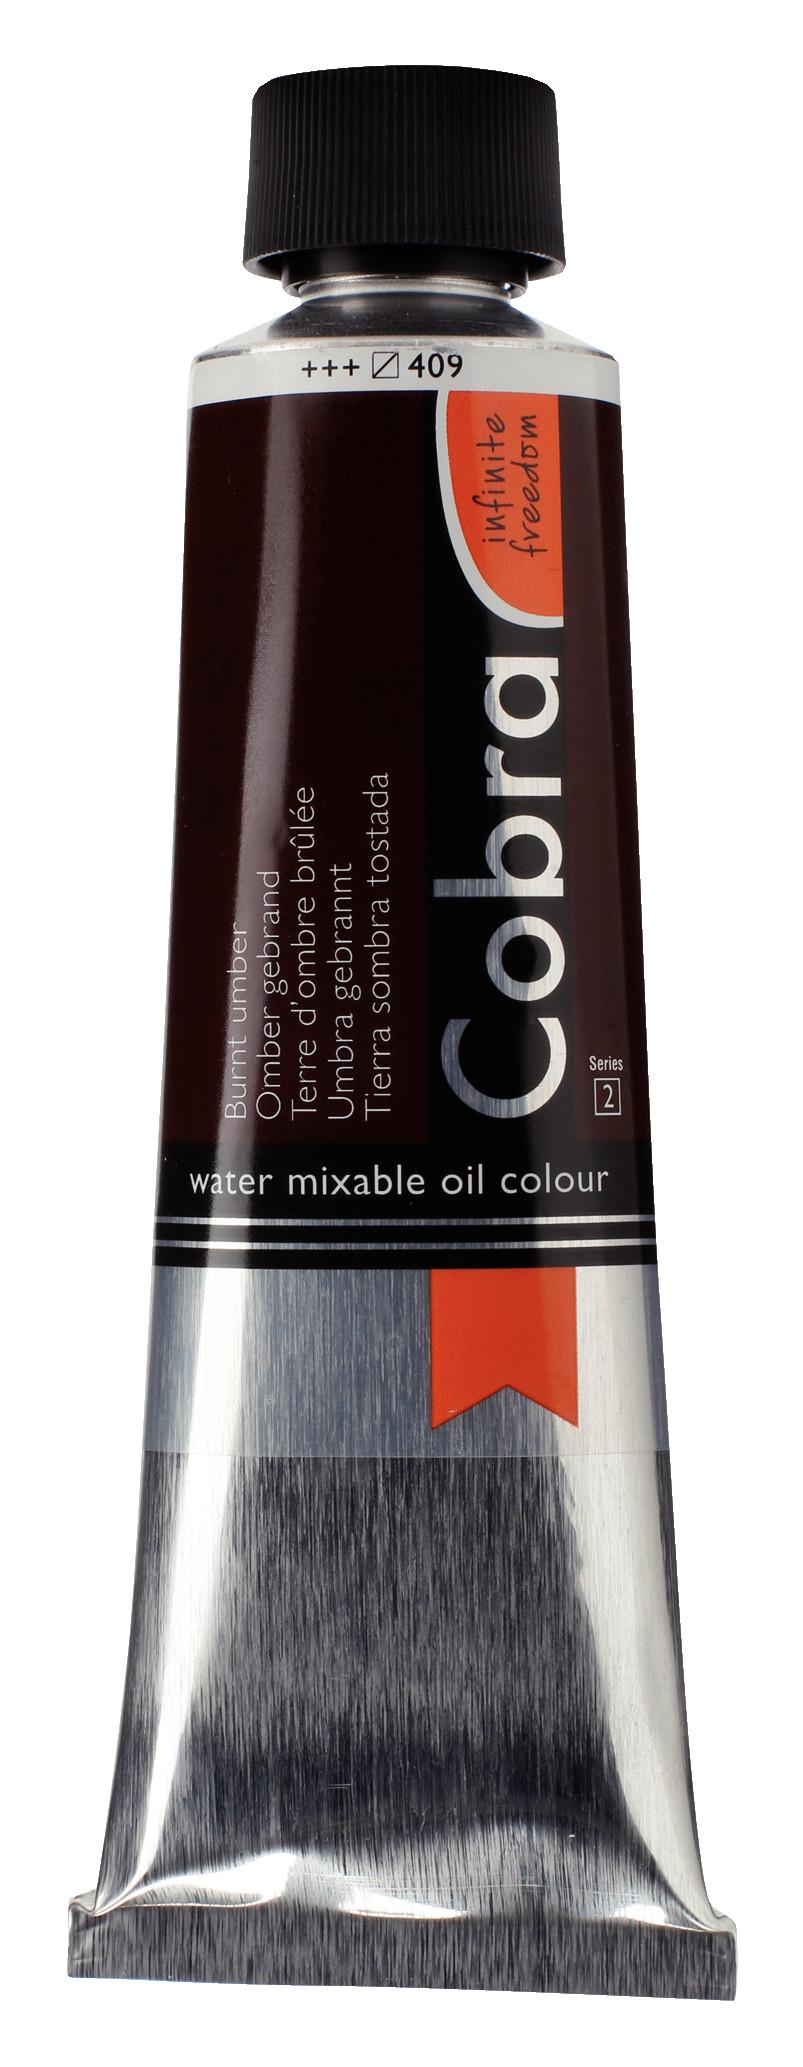 Cobra Artist Water Mixable Oil Colour Tube 150 ml Burnt umber 409